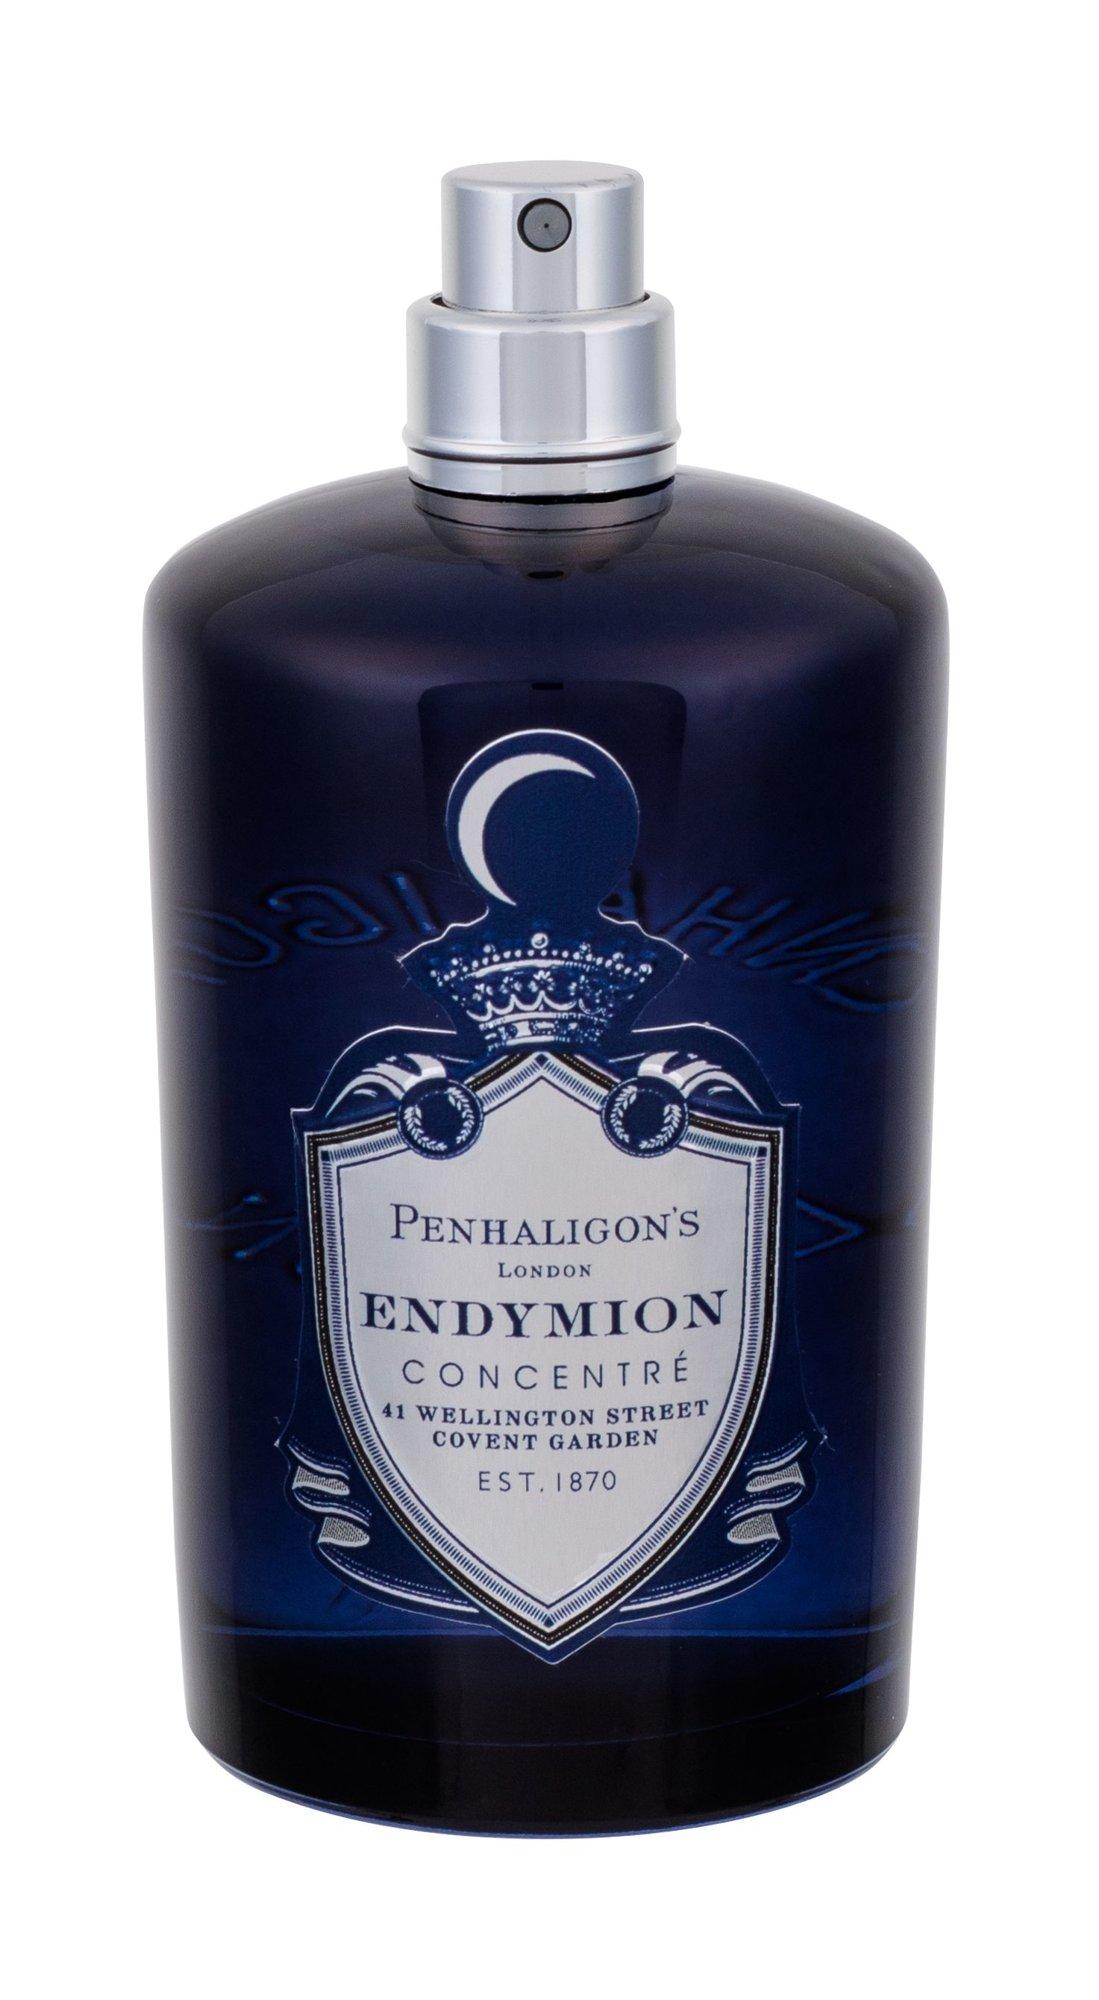 Penhaligon´s Endymion Concentre Eau de Parfum 100ml